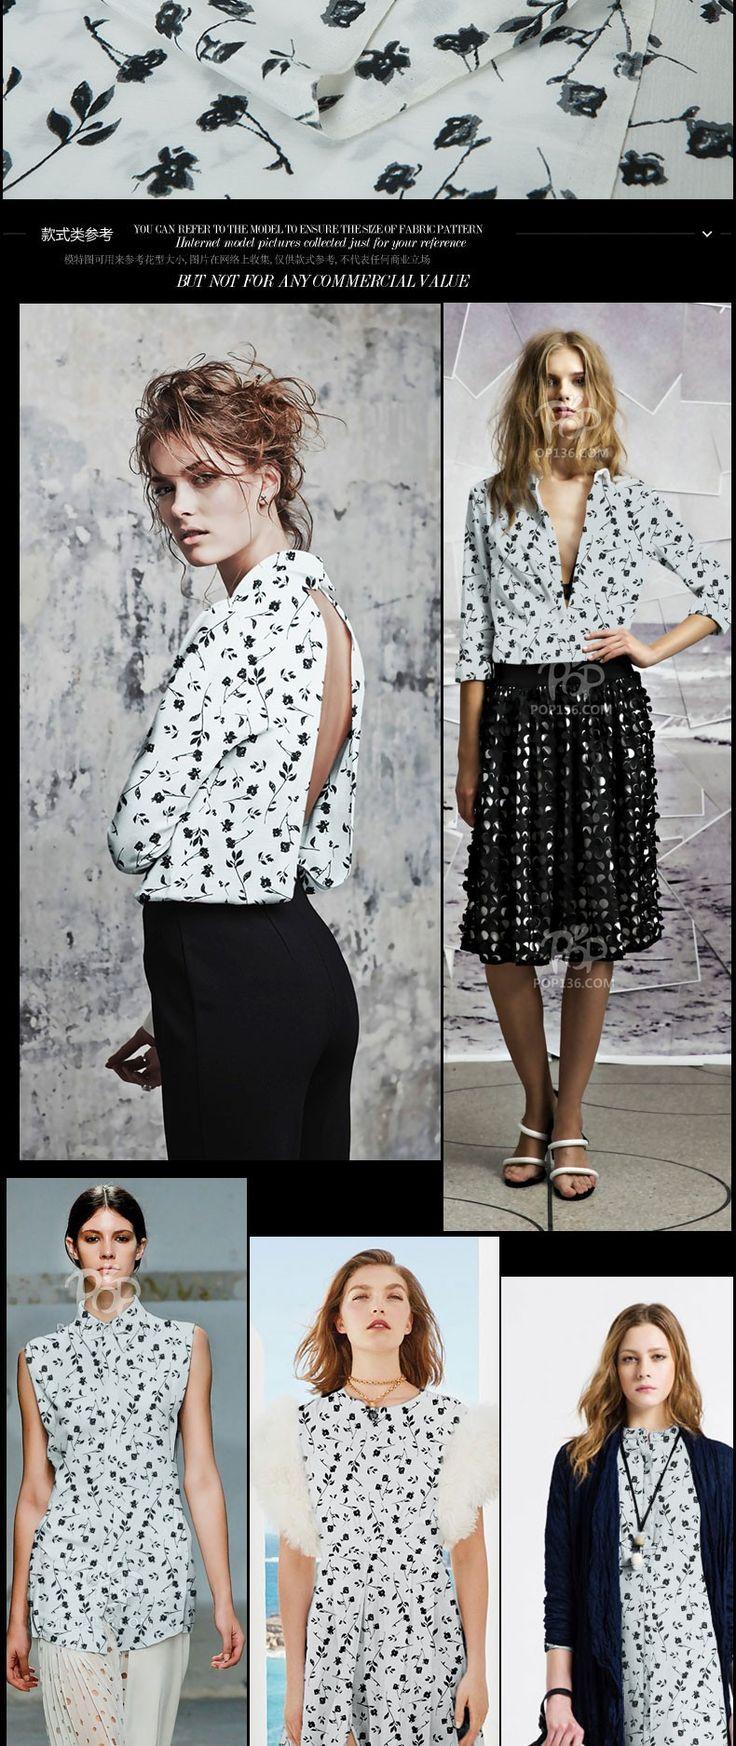 Darmowa wysyłka. Mieszanki jedwabiu tkaniny jedwabne, tkaniny lniane, kwiatowy tkaniny, połysk, gładka szyć na górze, koszula, bluzki, sukienka, spodnie, rzemiosła przez podwórze w   twoje zamówienie zostanie wysłane in1-3 dnia roboczego przez lotniczej poczta po zapłaty rozjaśnia.   cena od Tkaniny na Aliexpress.com   Grupa Alibaba